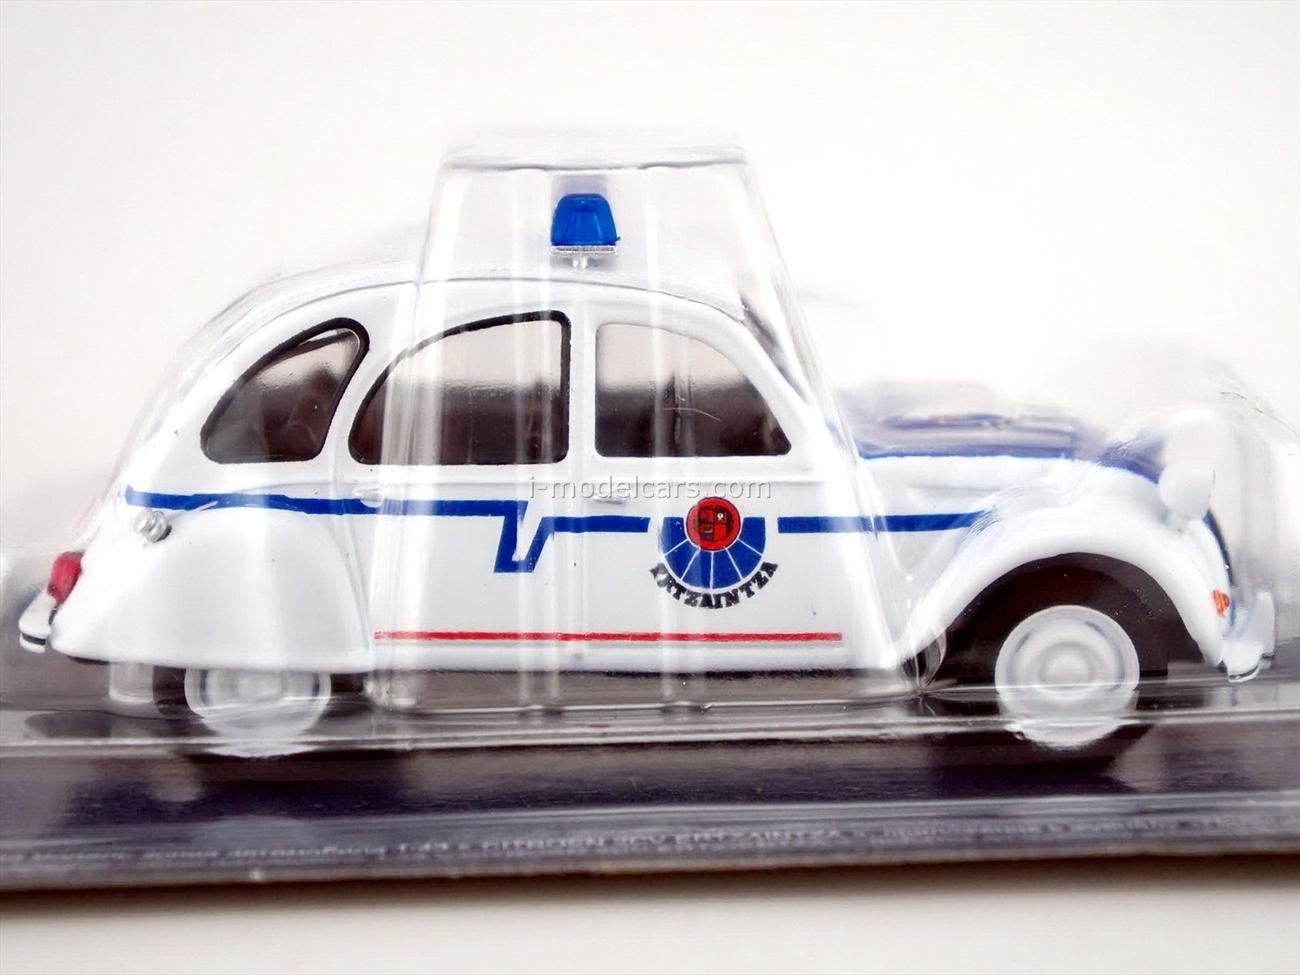 Citroen 2CV Ertzaintza Spain Police 1:43 DeAgostini World's Police Car #64